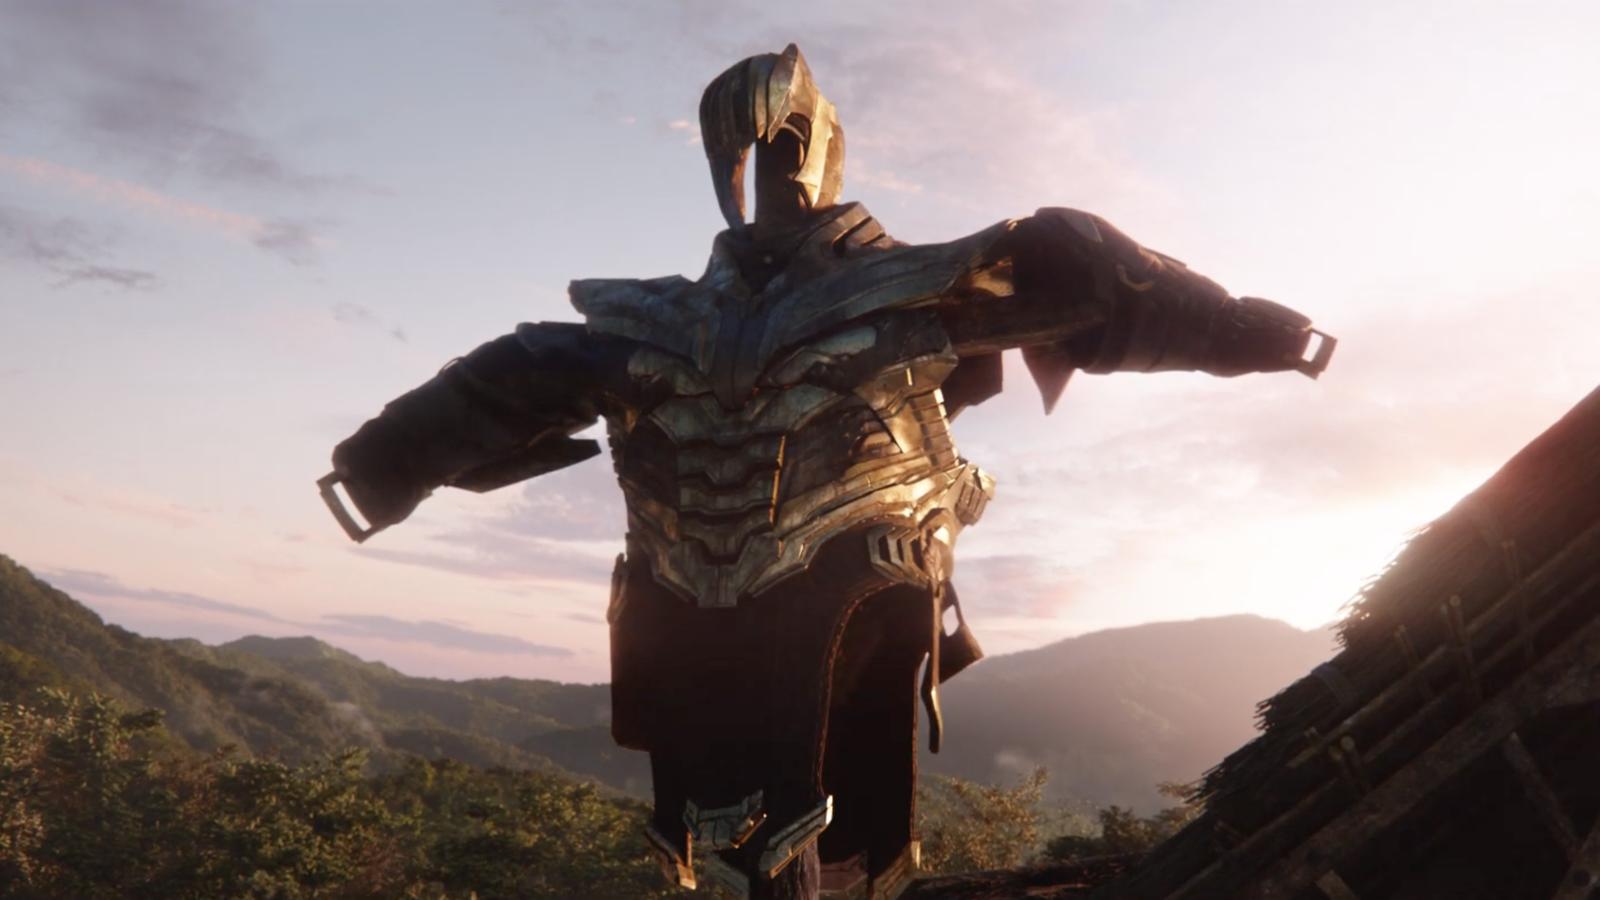 Avengers Endgame ภาคสุดท้าย ตายเพิ่มอีก 2 จากแบบไม่มีวันกลับ